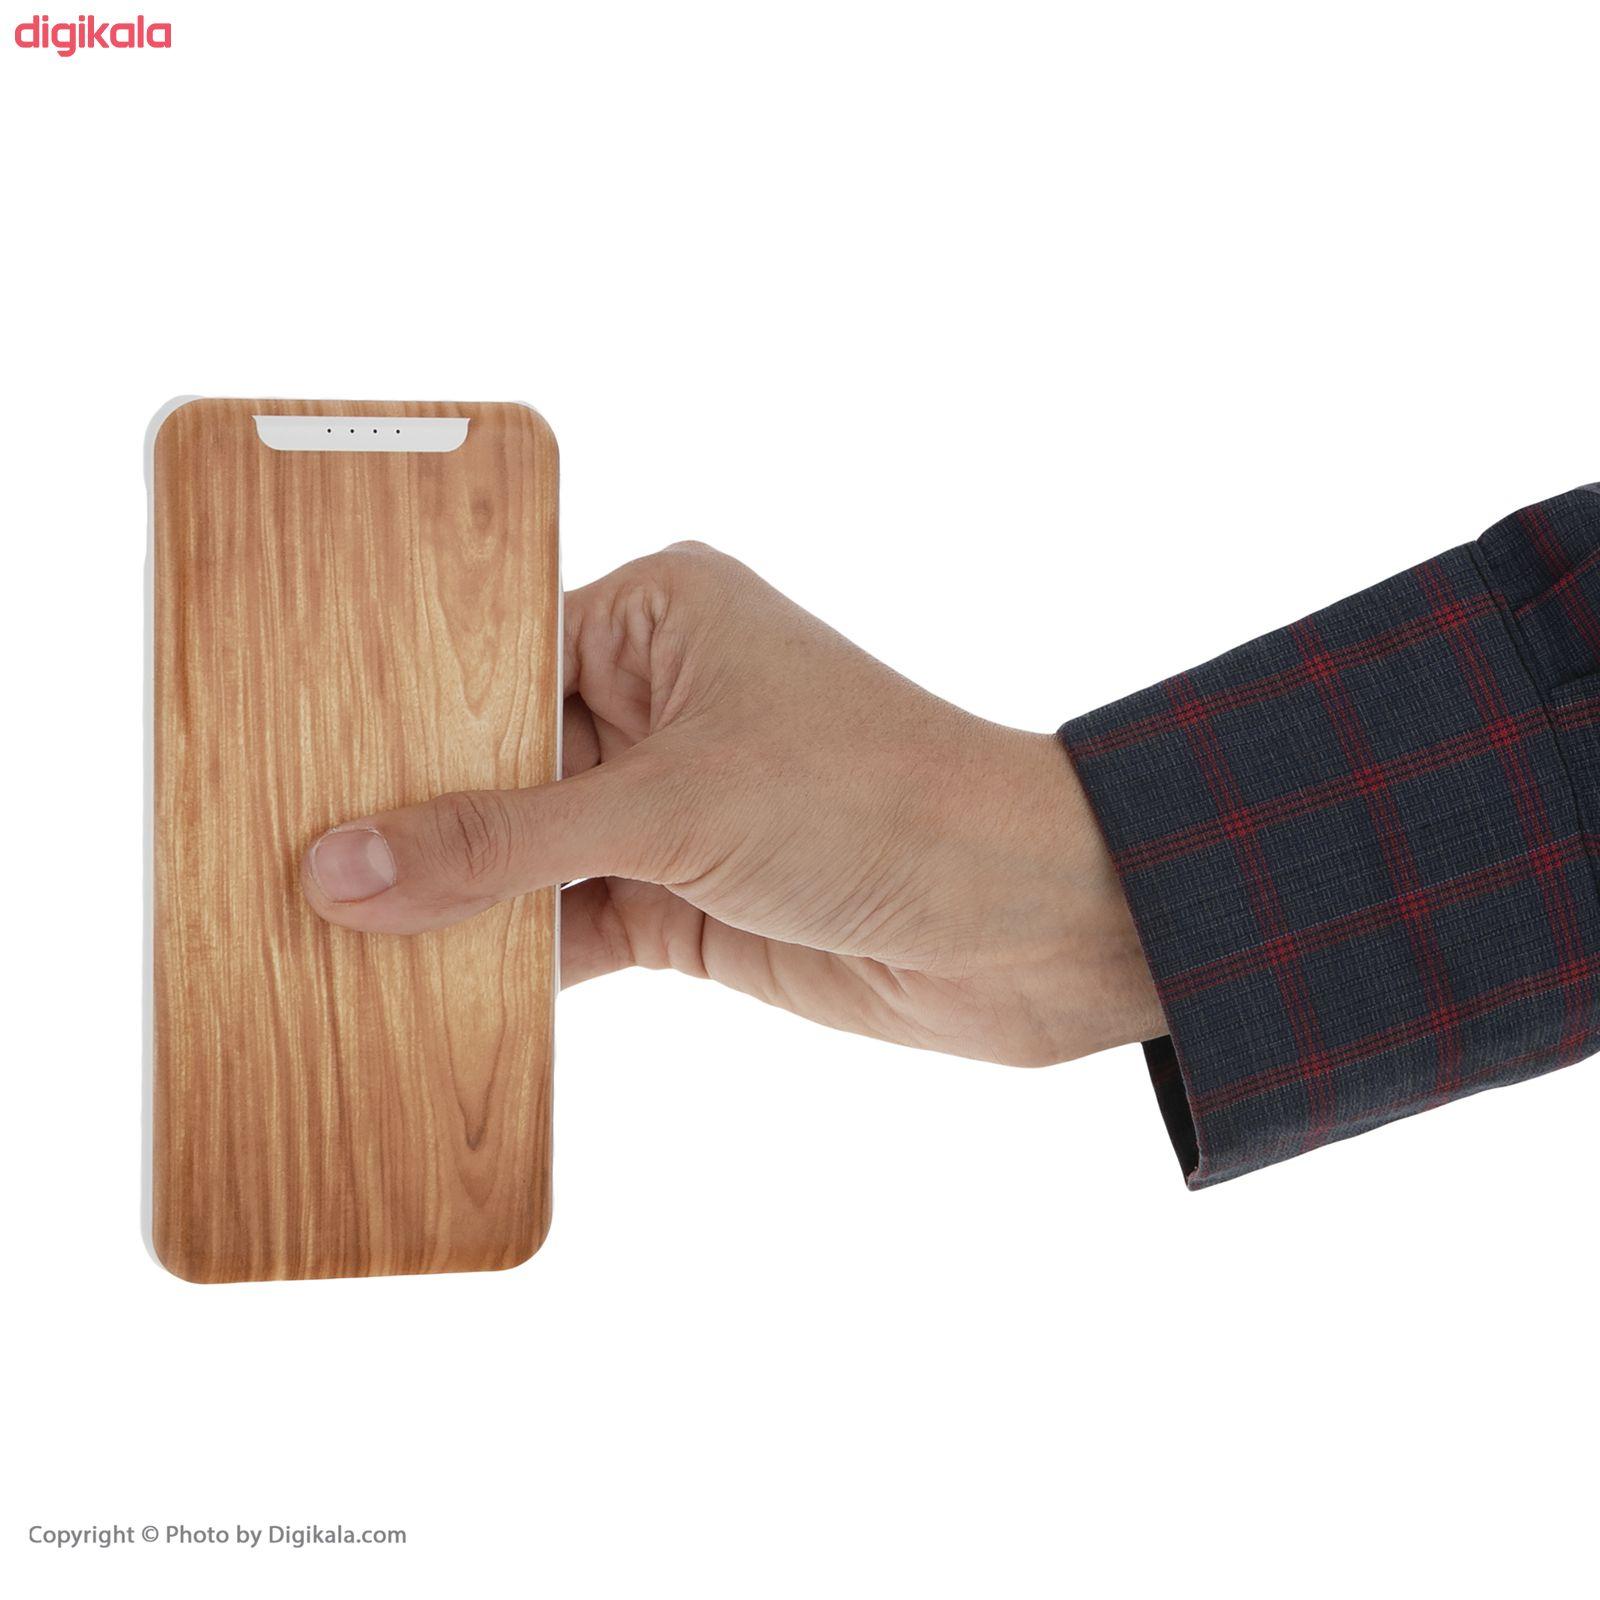 گوشی موبایل هوآوی مدل Y9 2019 JKM-LX1 دو سیم کارت ظرفیت 64 گیگابایت و رم 4 گیگابایت بههمراه شارژر همراه تسکو مدل TP 842N ظرفیت 10000 میلیآمپرساعت main 1 29